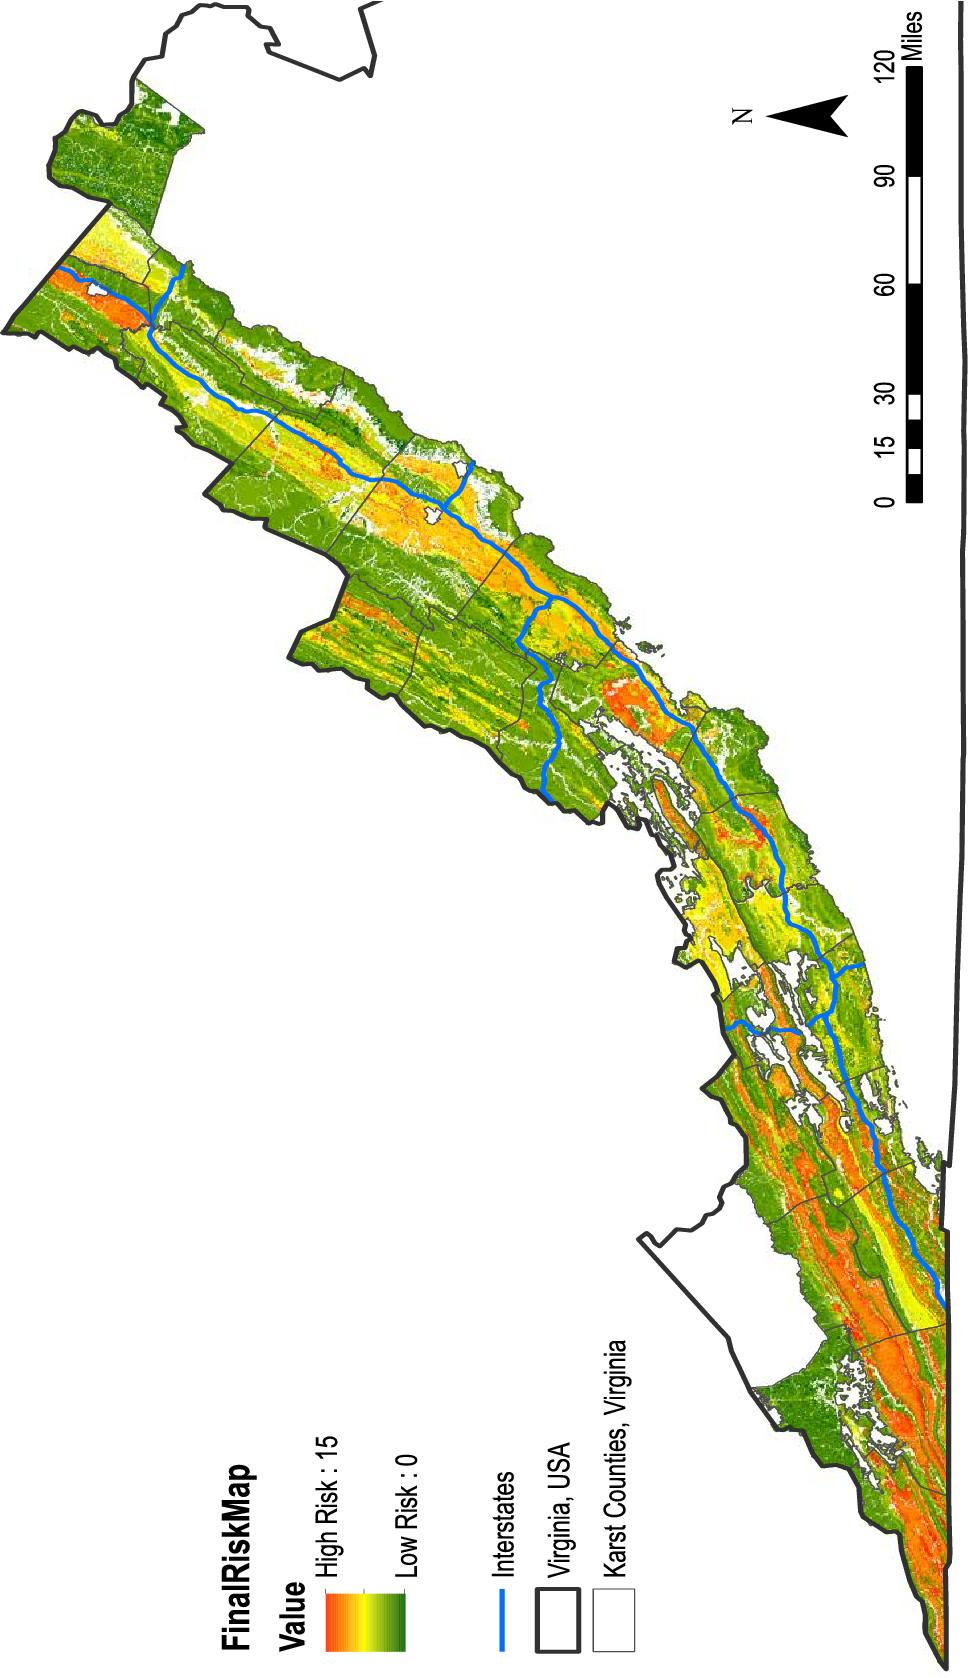 Karst Map Of Usa on sinkhole map of usa, hydrology map of usa, landform map of usa, coastal map of usa, geology of the usa, desert map of usa, water map of usa, climate map of usa, topography map of usa, forest map of usa, tectonic map of usa, mountains map of usa, geology map of usa, groundwater map of usa, wetlands map of usa, soil map of usa, flood map of usa, rivers map of usa, white map of usa, limestone map of usa,